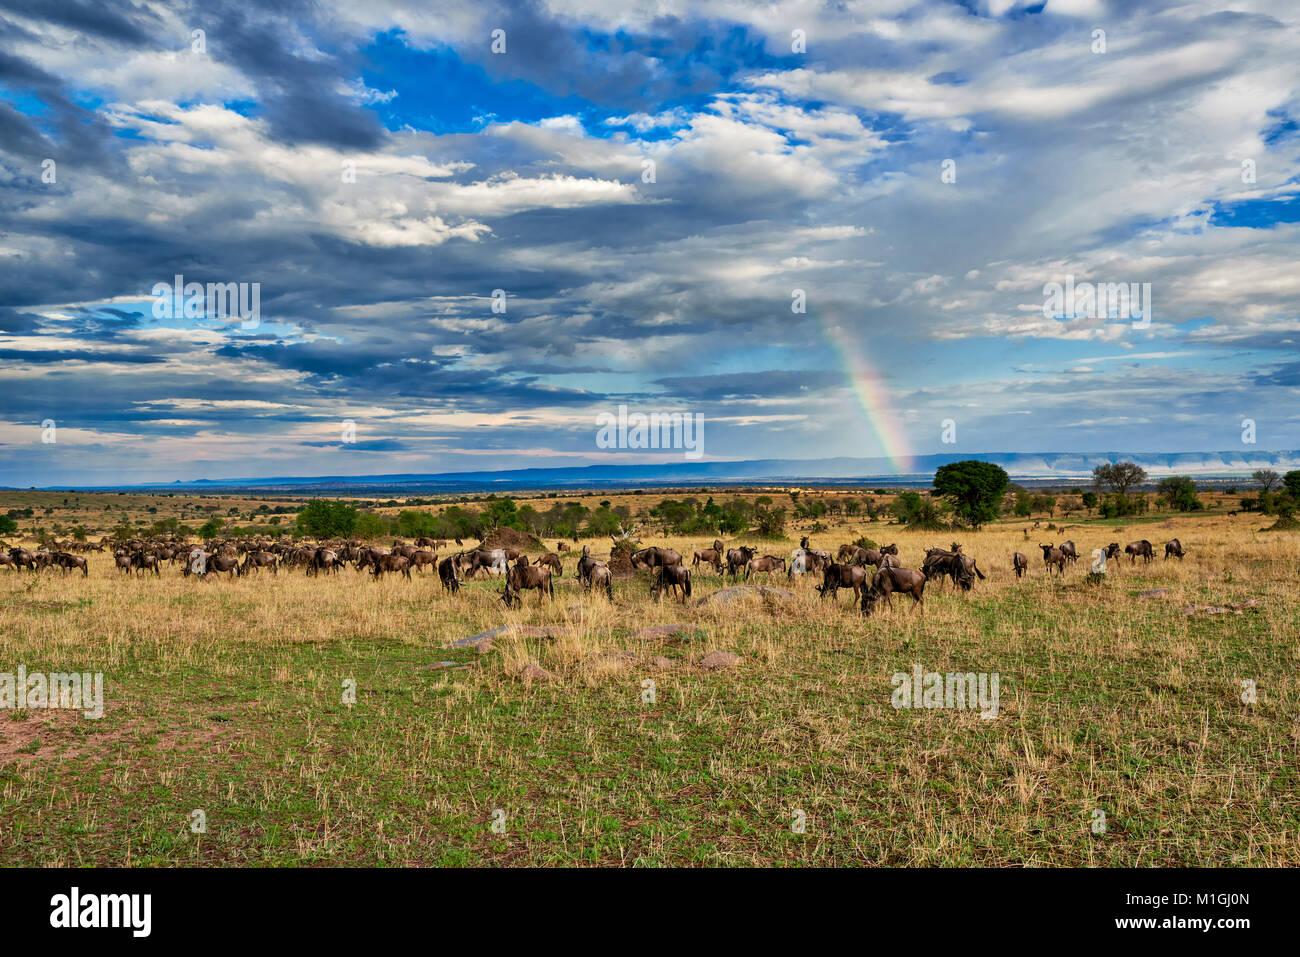 Arc en ciel et des gnous, paysage dans le Parc National du Serengeti, UNESCO World Heritage site, Tanzania, Africa Photo Stock